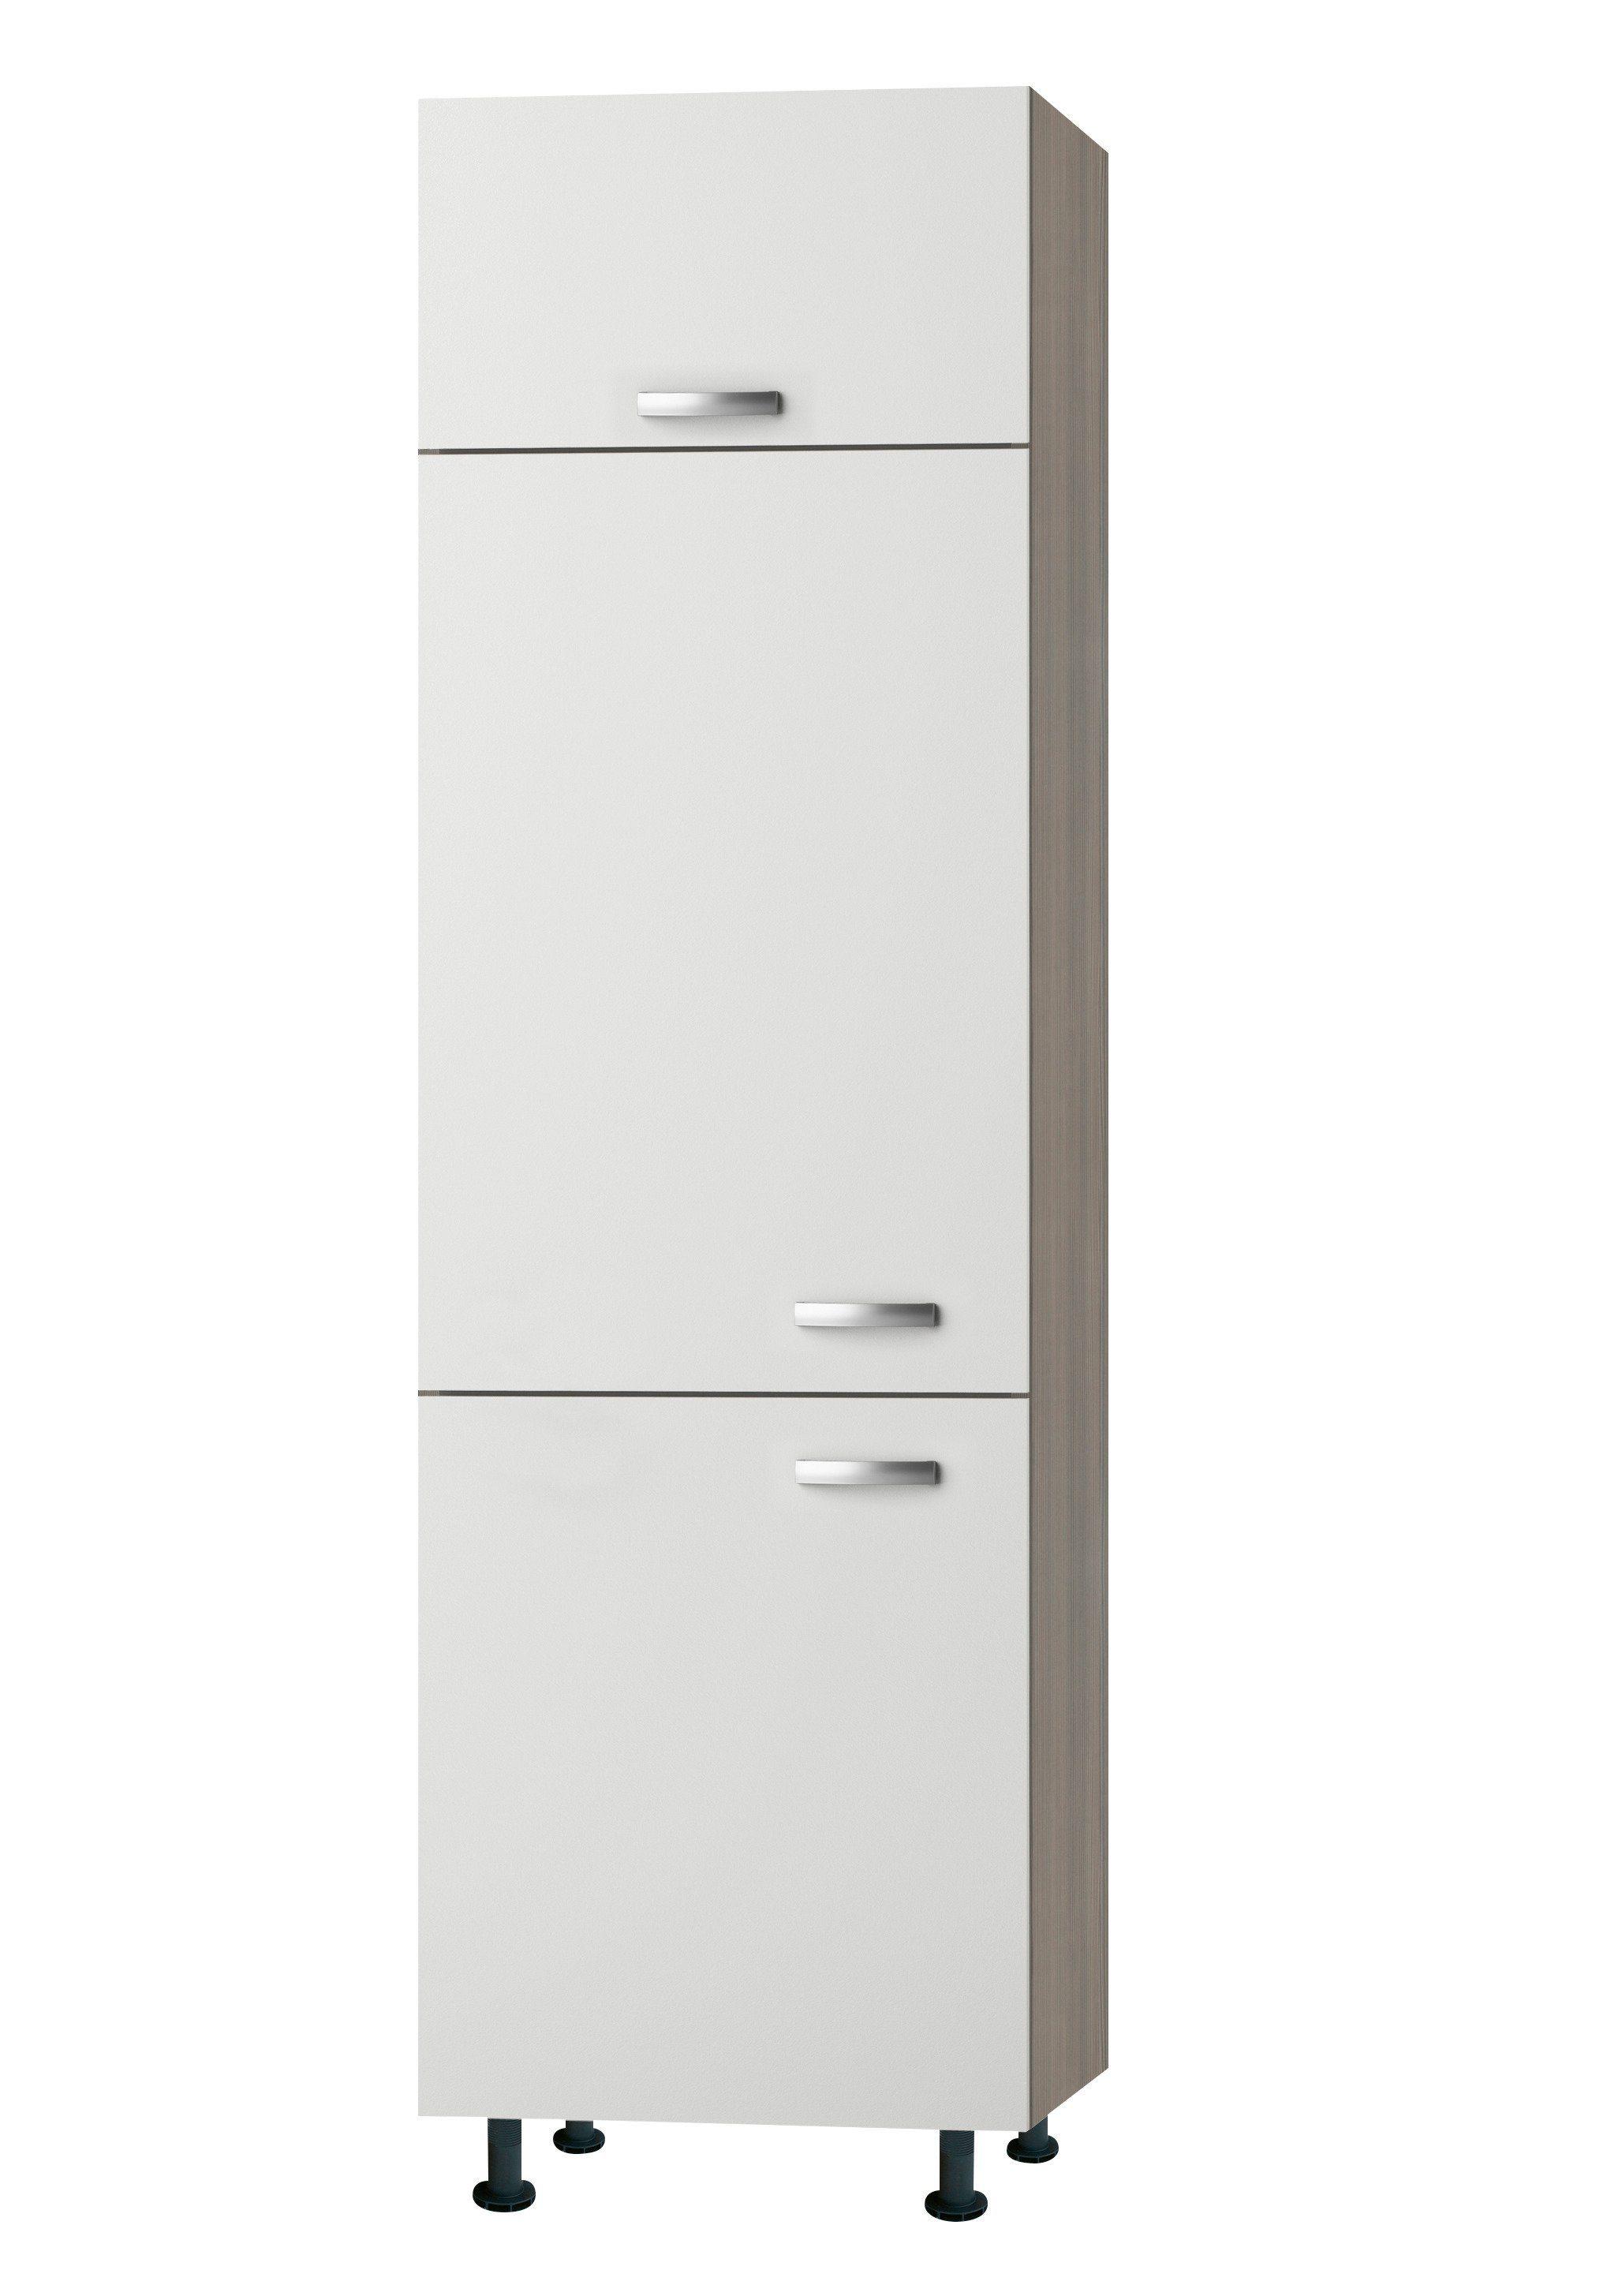 Kühlumbauschrank »Torger«, Höhe 211,8 cm